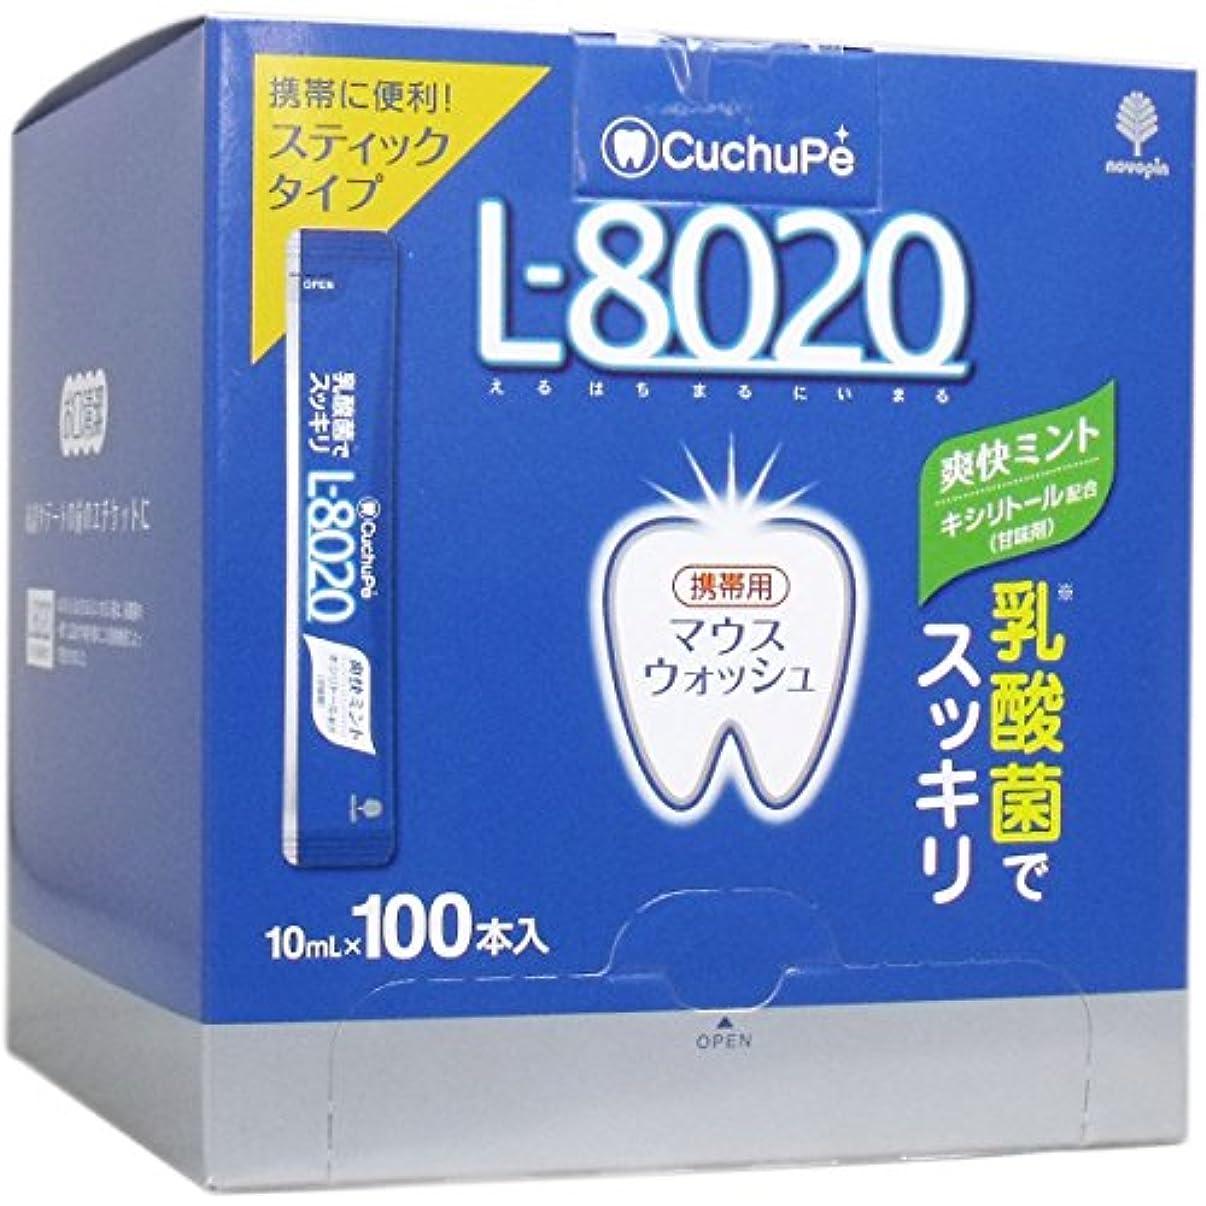 矢リーダーシップ魅惑するクチュッペ L-8020 マウスウォッシュ 爽快ミント スティックタイプ 100本入